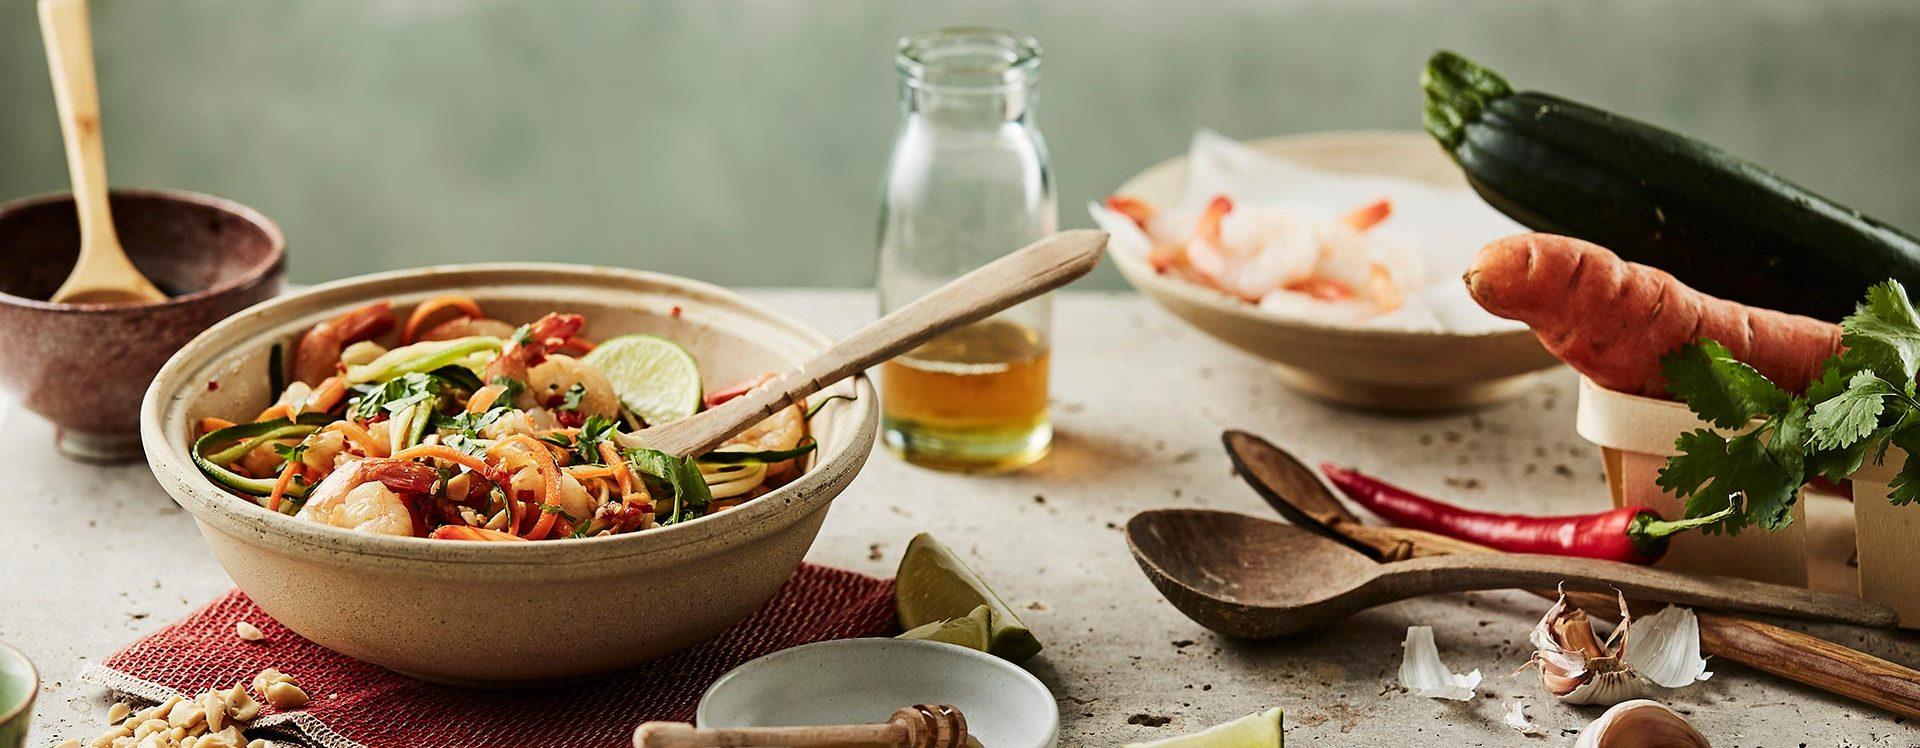 Food fotografie voor Boodschappen